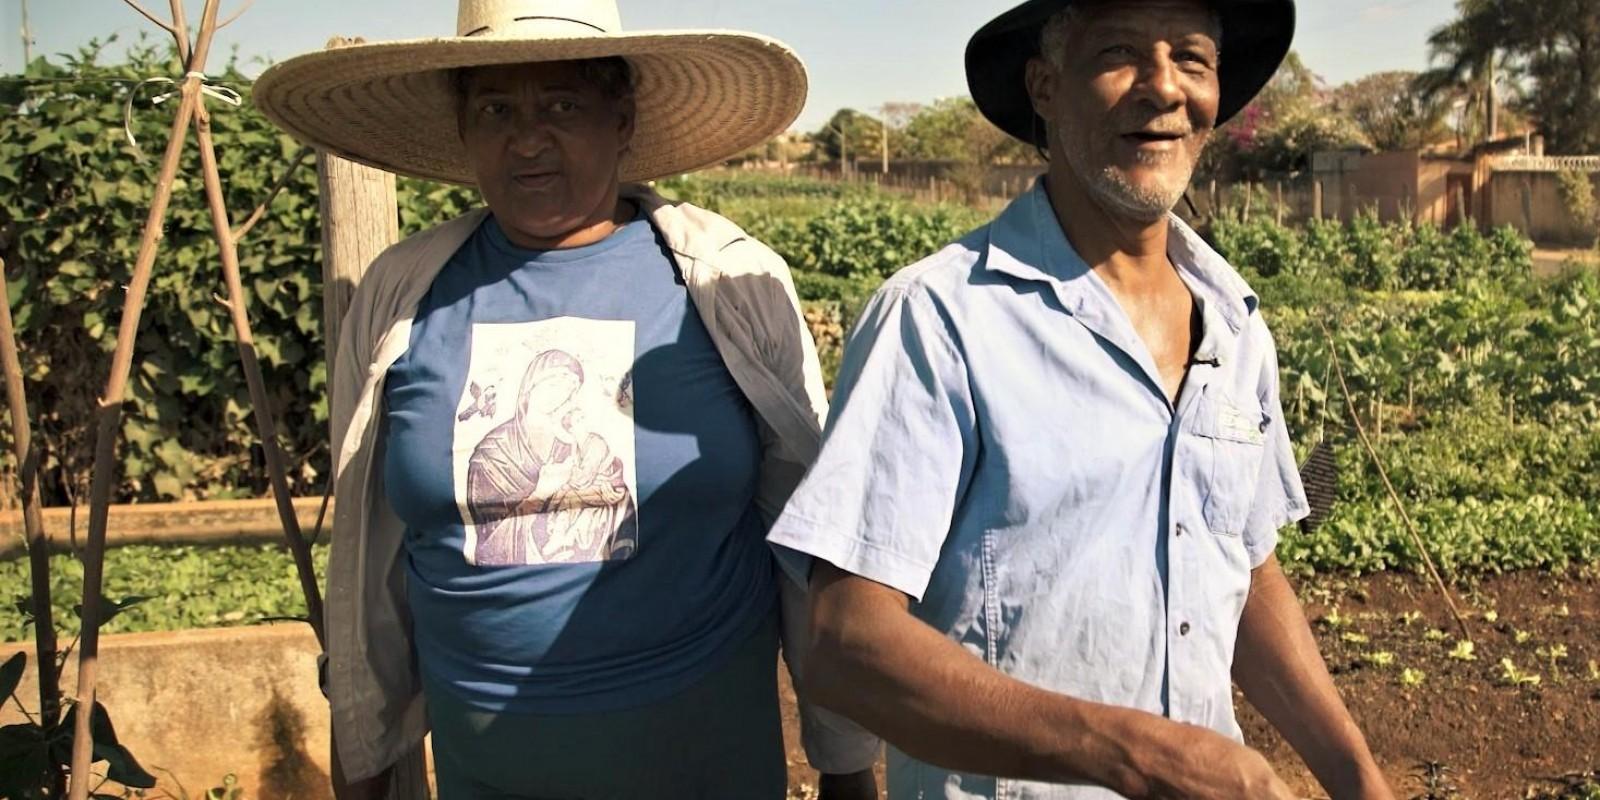 Agricultores familiares terão crédito de R$ 33 bilhões do Pronaf para a próxima safra